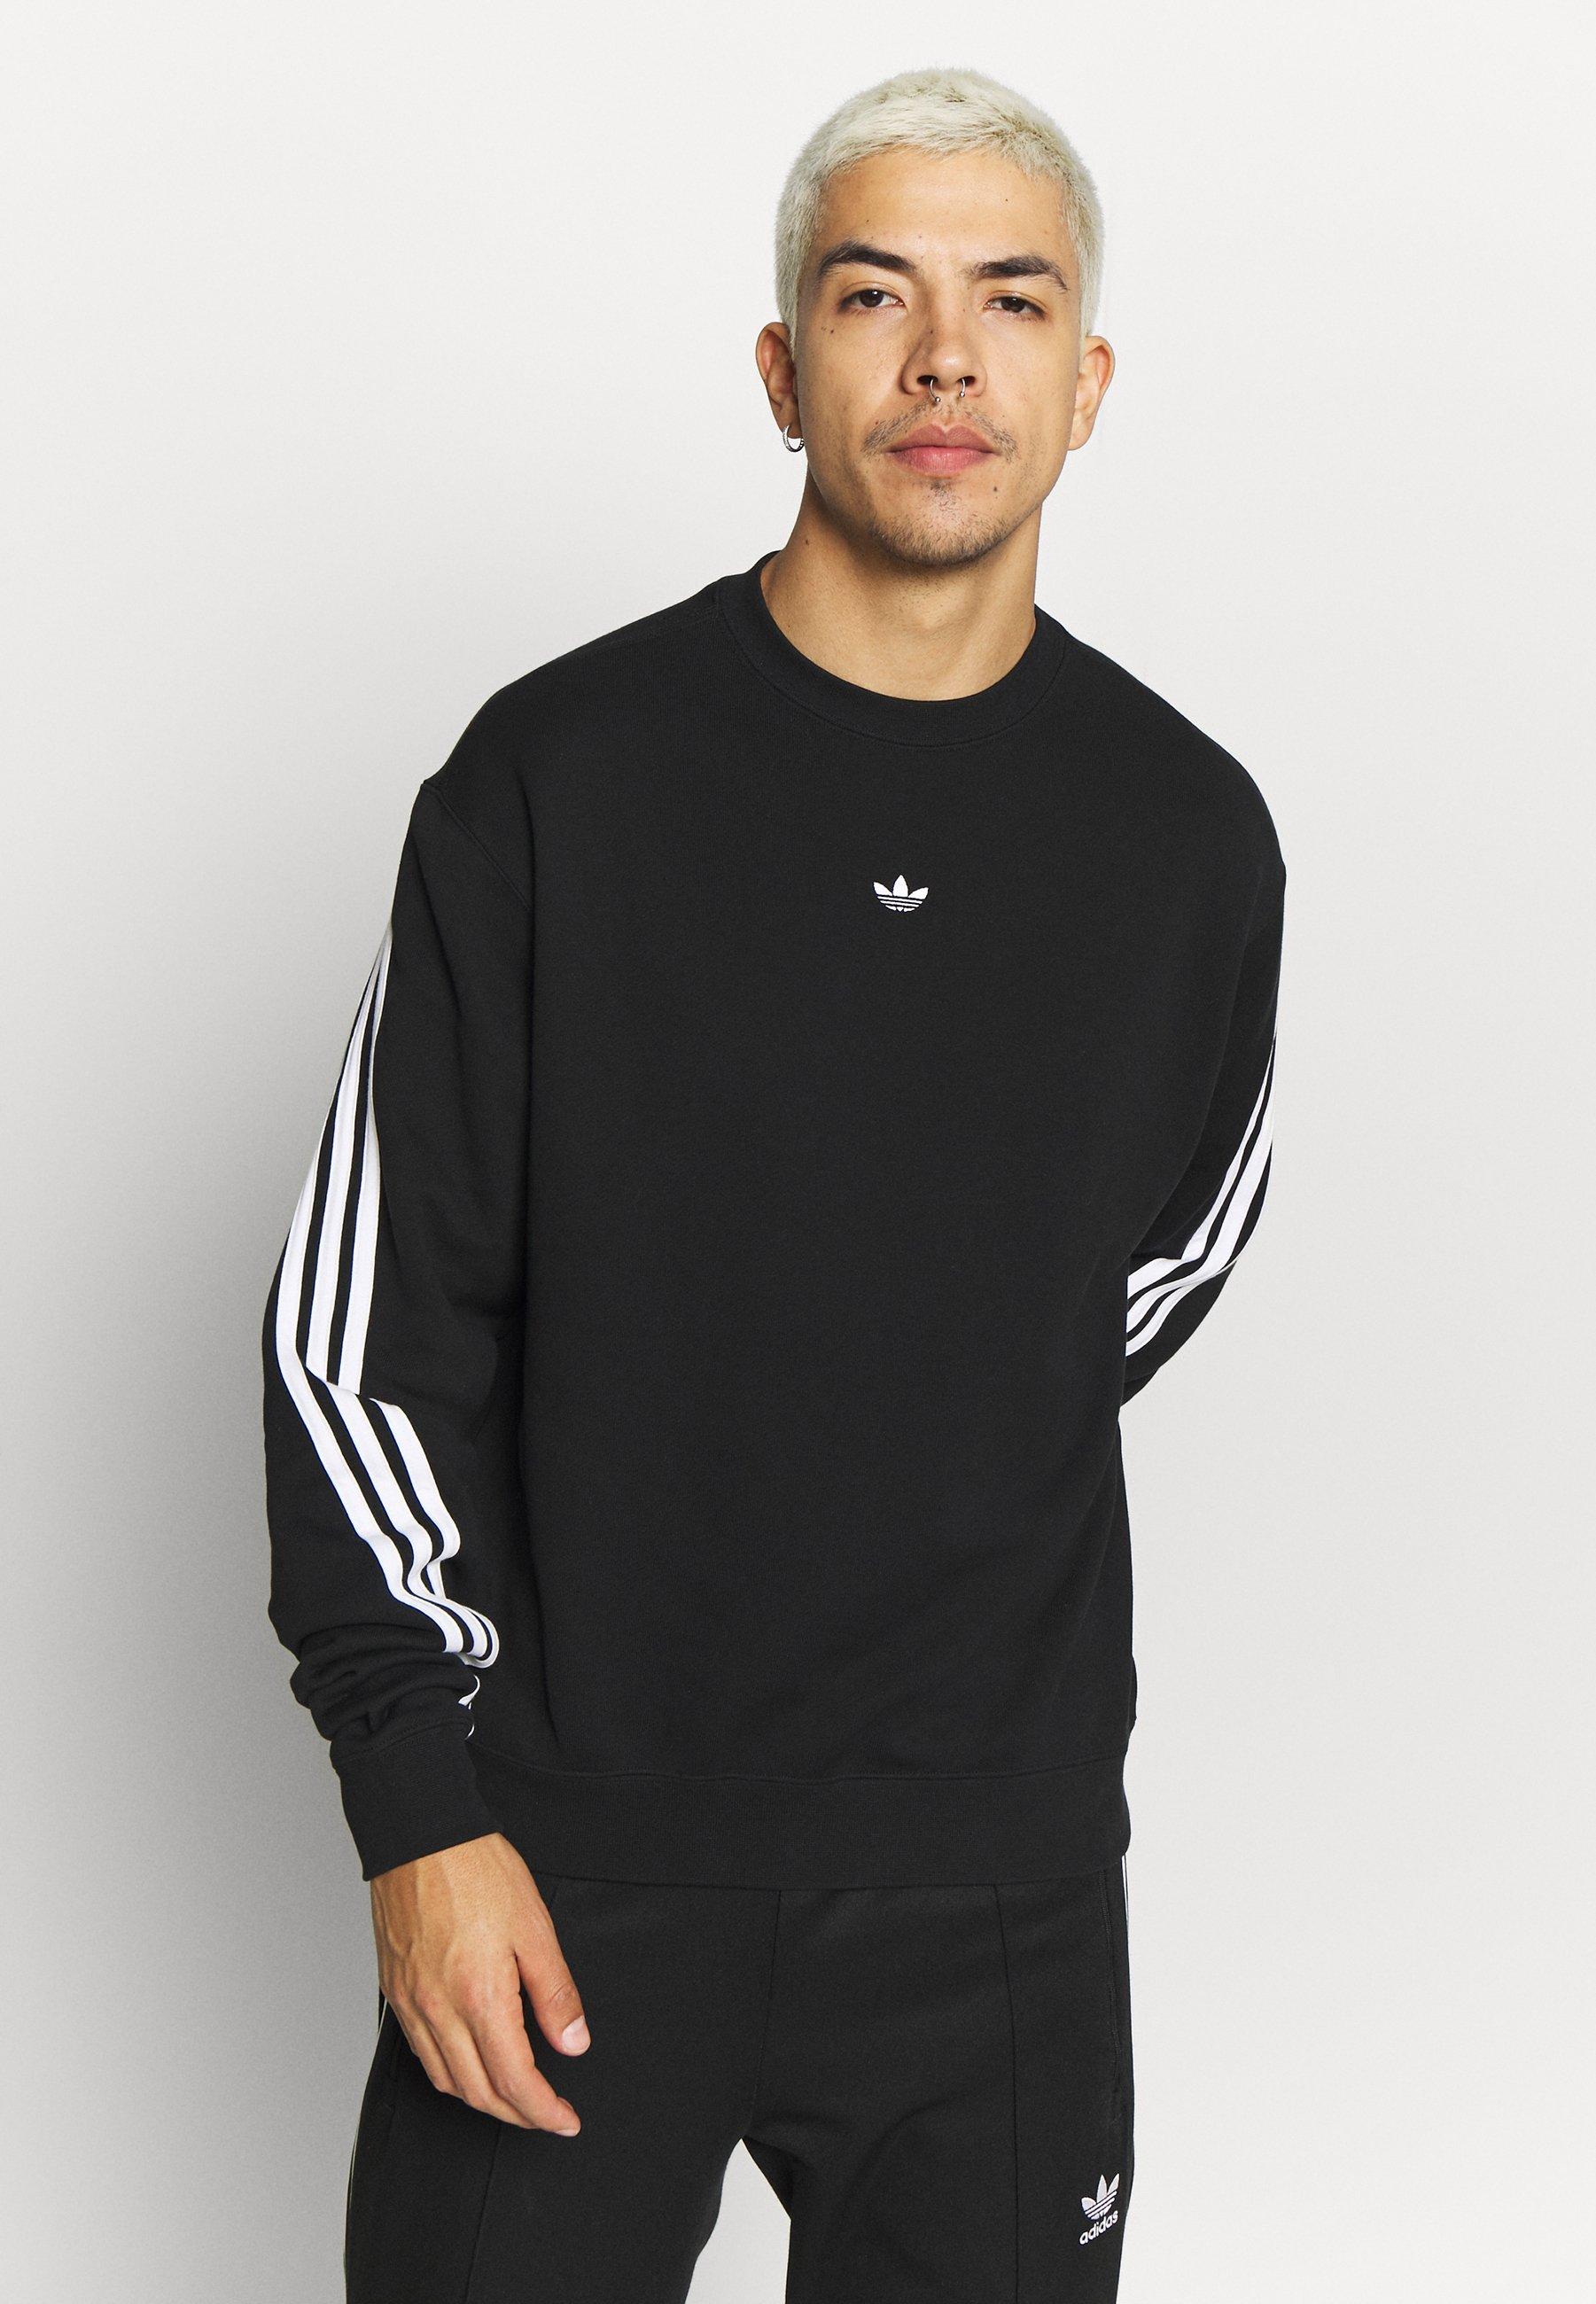 Korkealaatuinen Halpa Miesten vaatteet Sarja dfKJIUp97454sfGHYHD adidas Originals SPORT COLLECTION LONG SLEEVE PULLOVER Collegepaita black/white